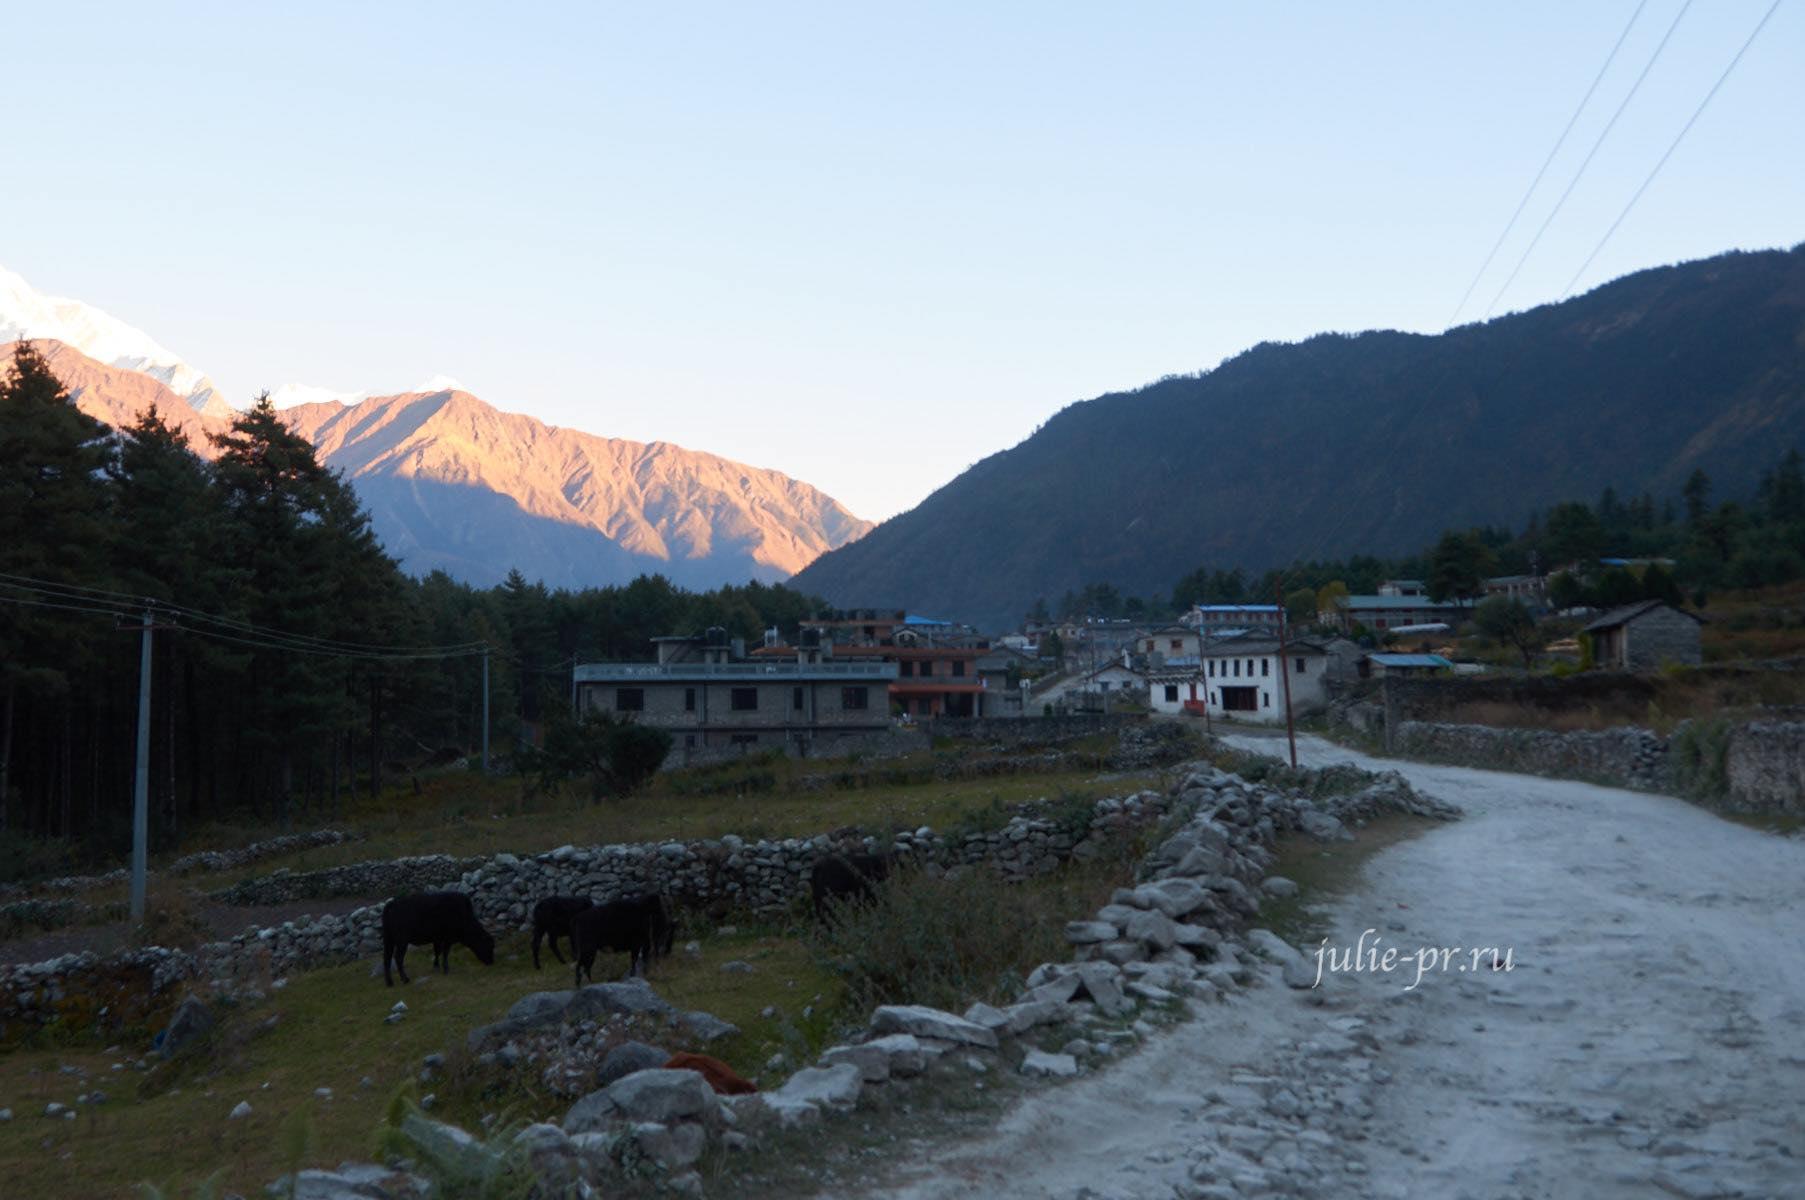 Непал, Трек вокруг Аннапурны, Деревня Калопани